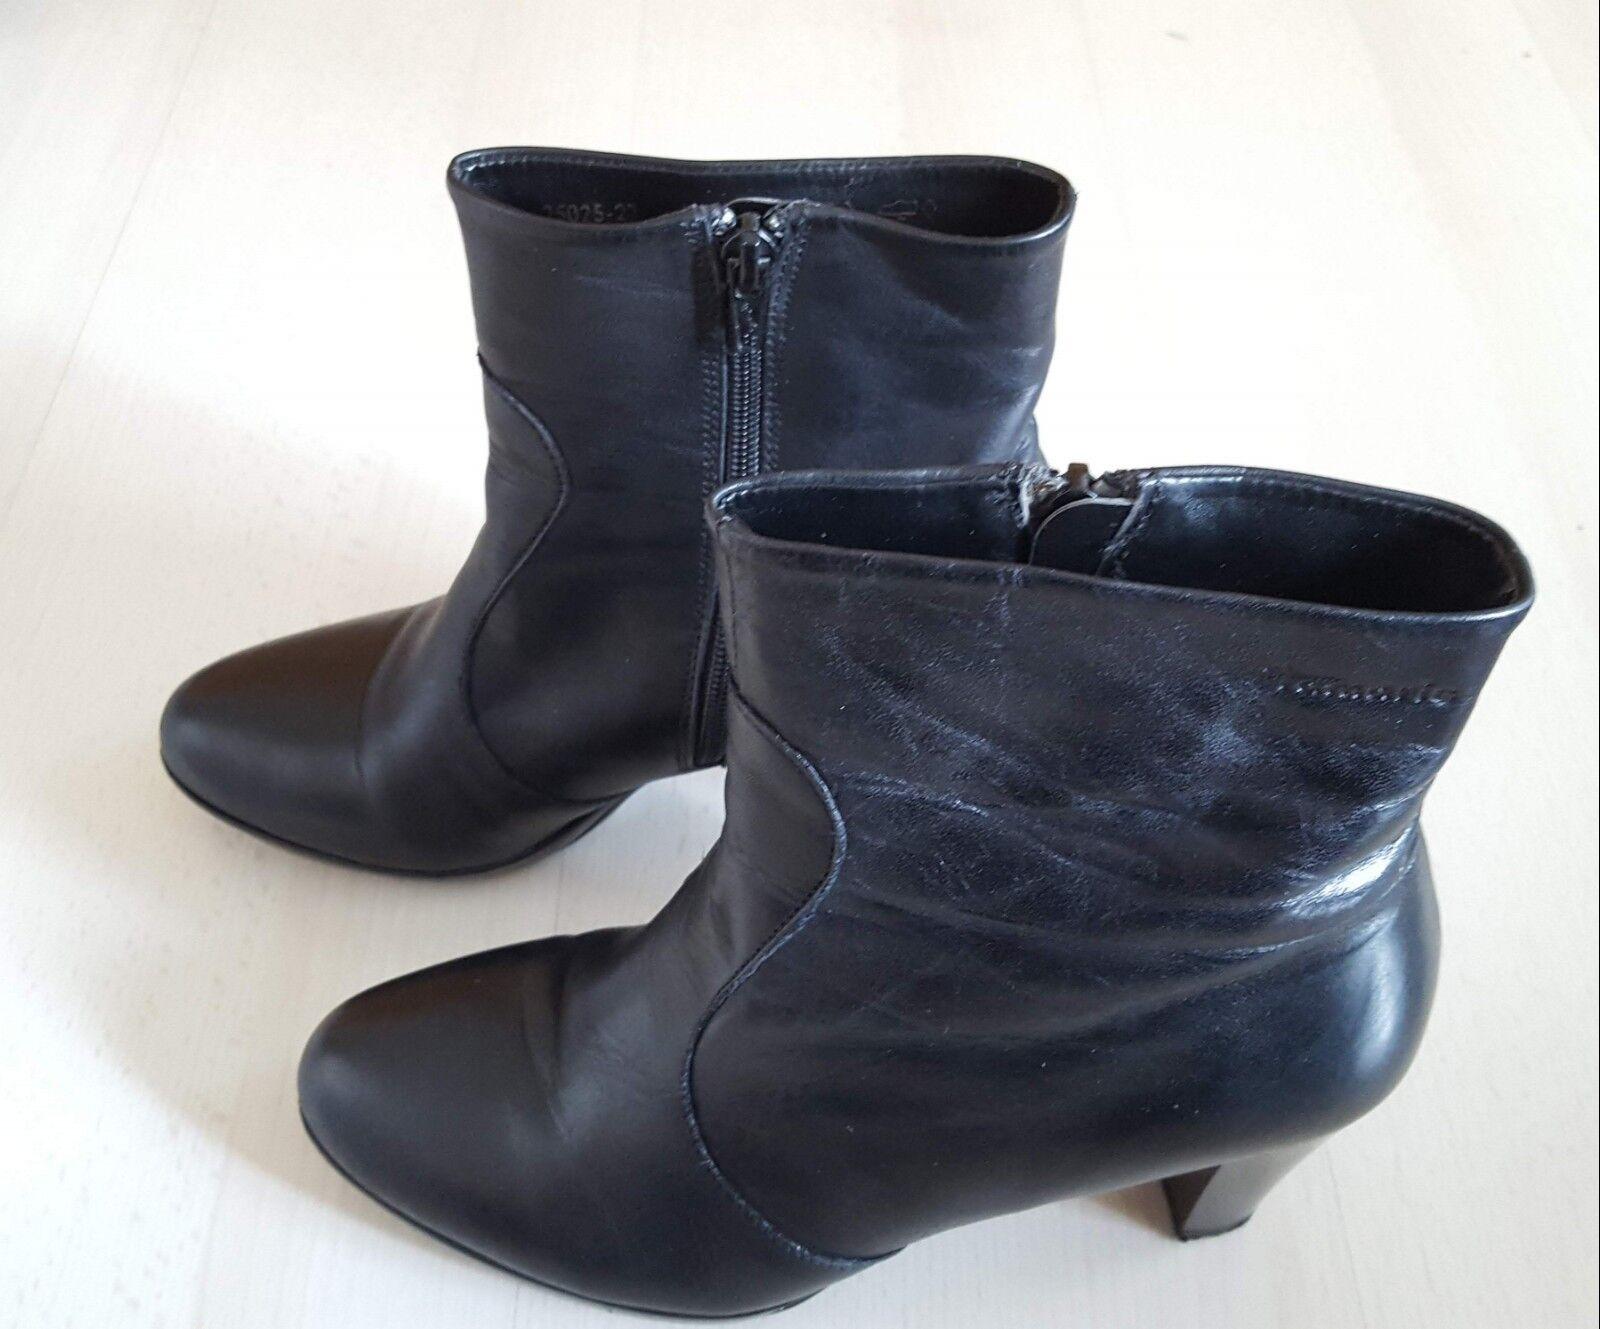 Tamaris Stiefeletten Pumps Größe Leder schwarz Größe Pumps 38  Topzustand  wie neu 4005a2